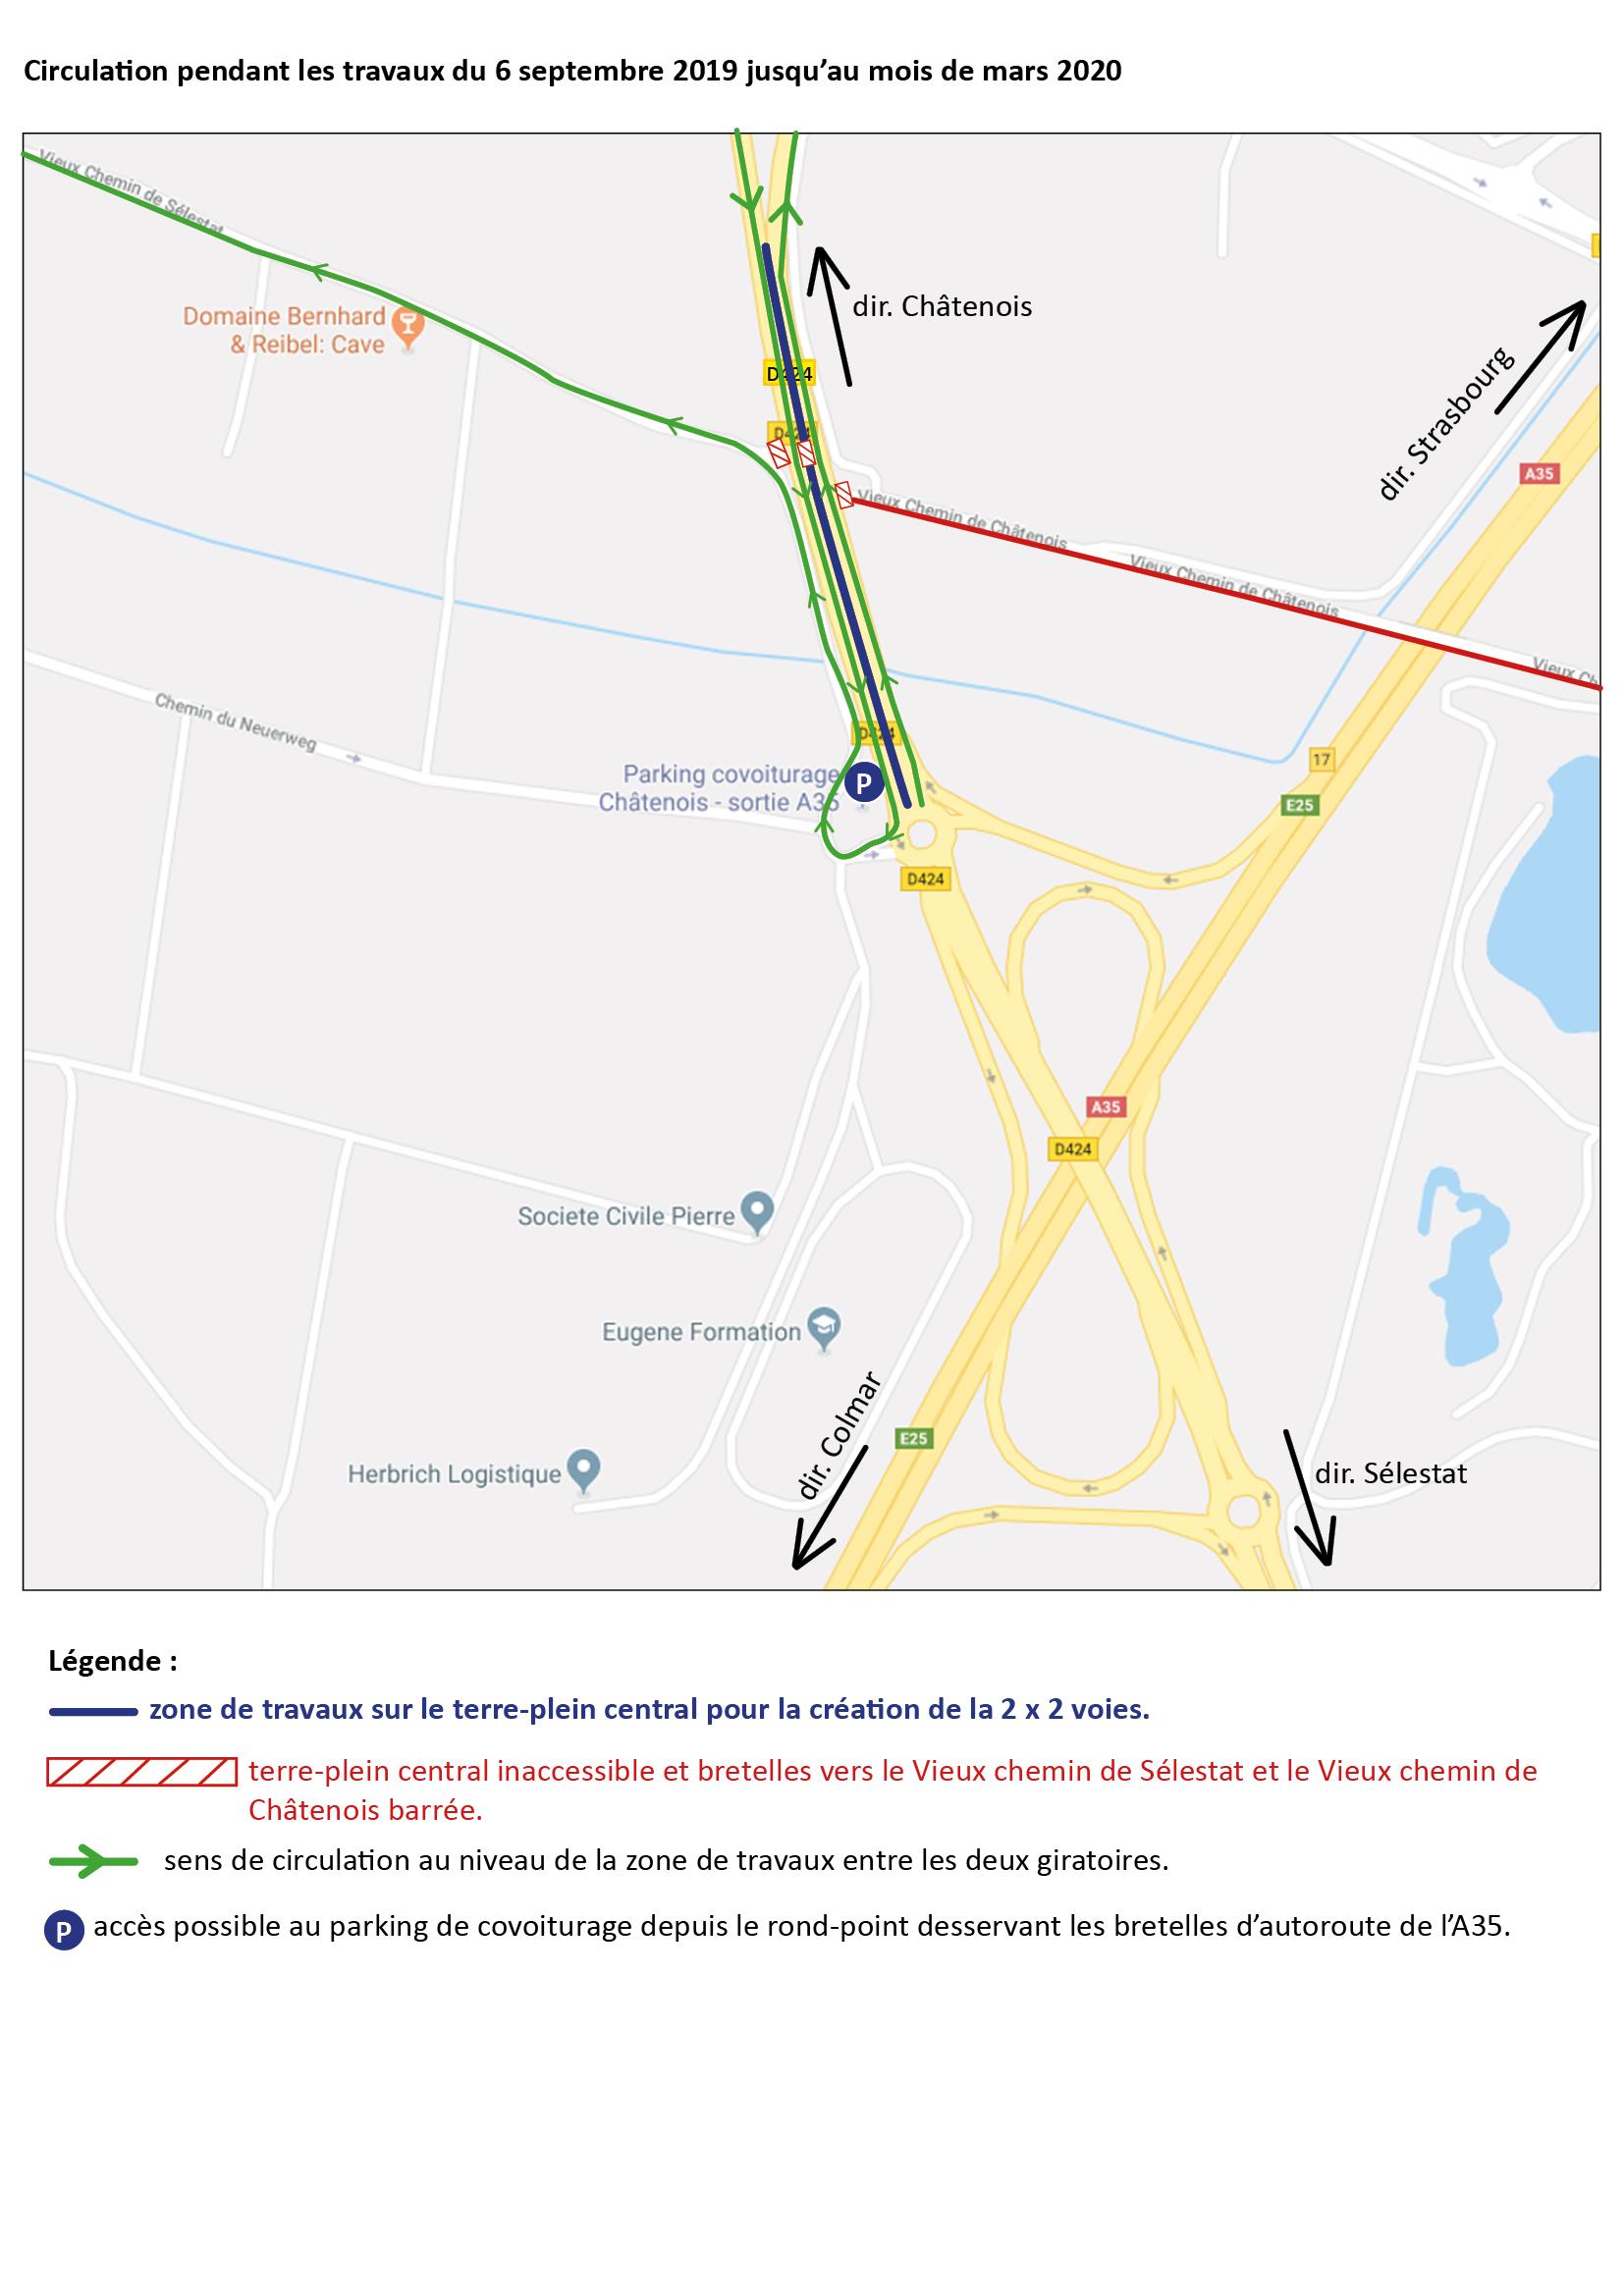 Carte route barree vieux chemin 07-09-2019 à mars 2020